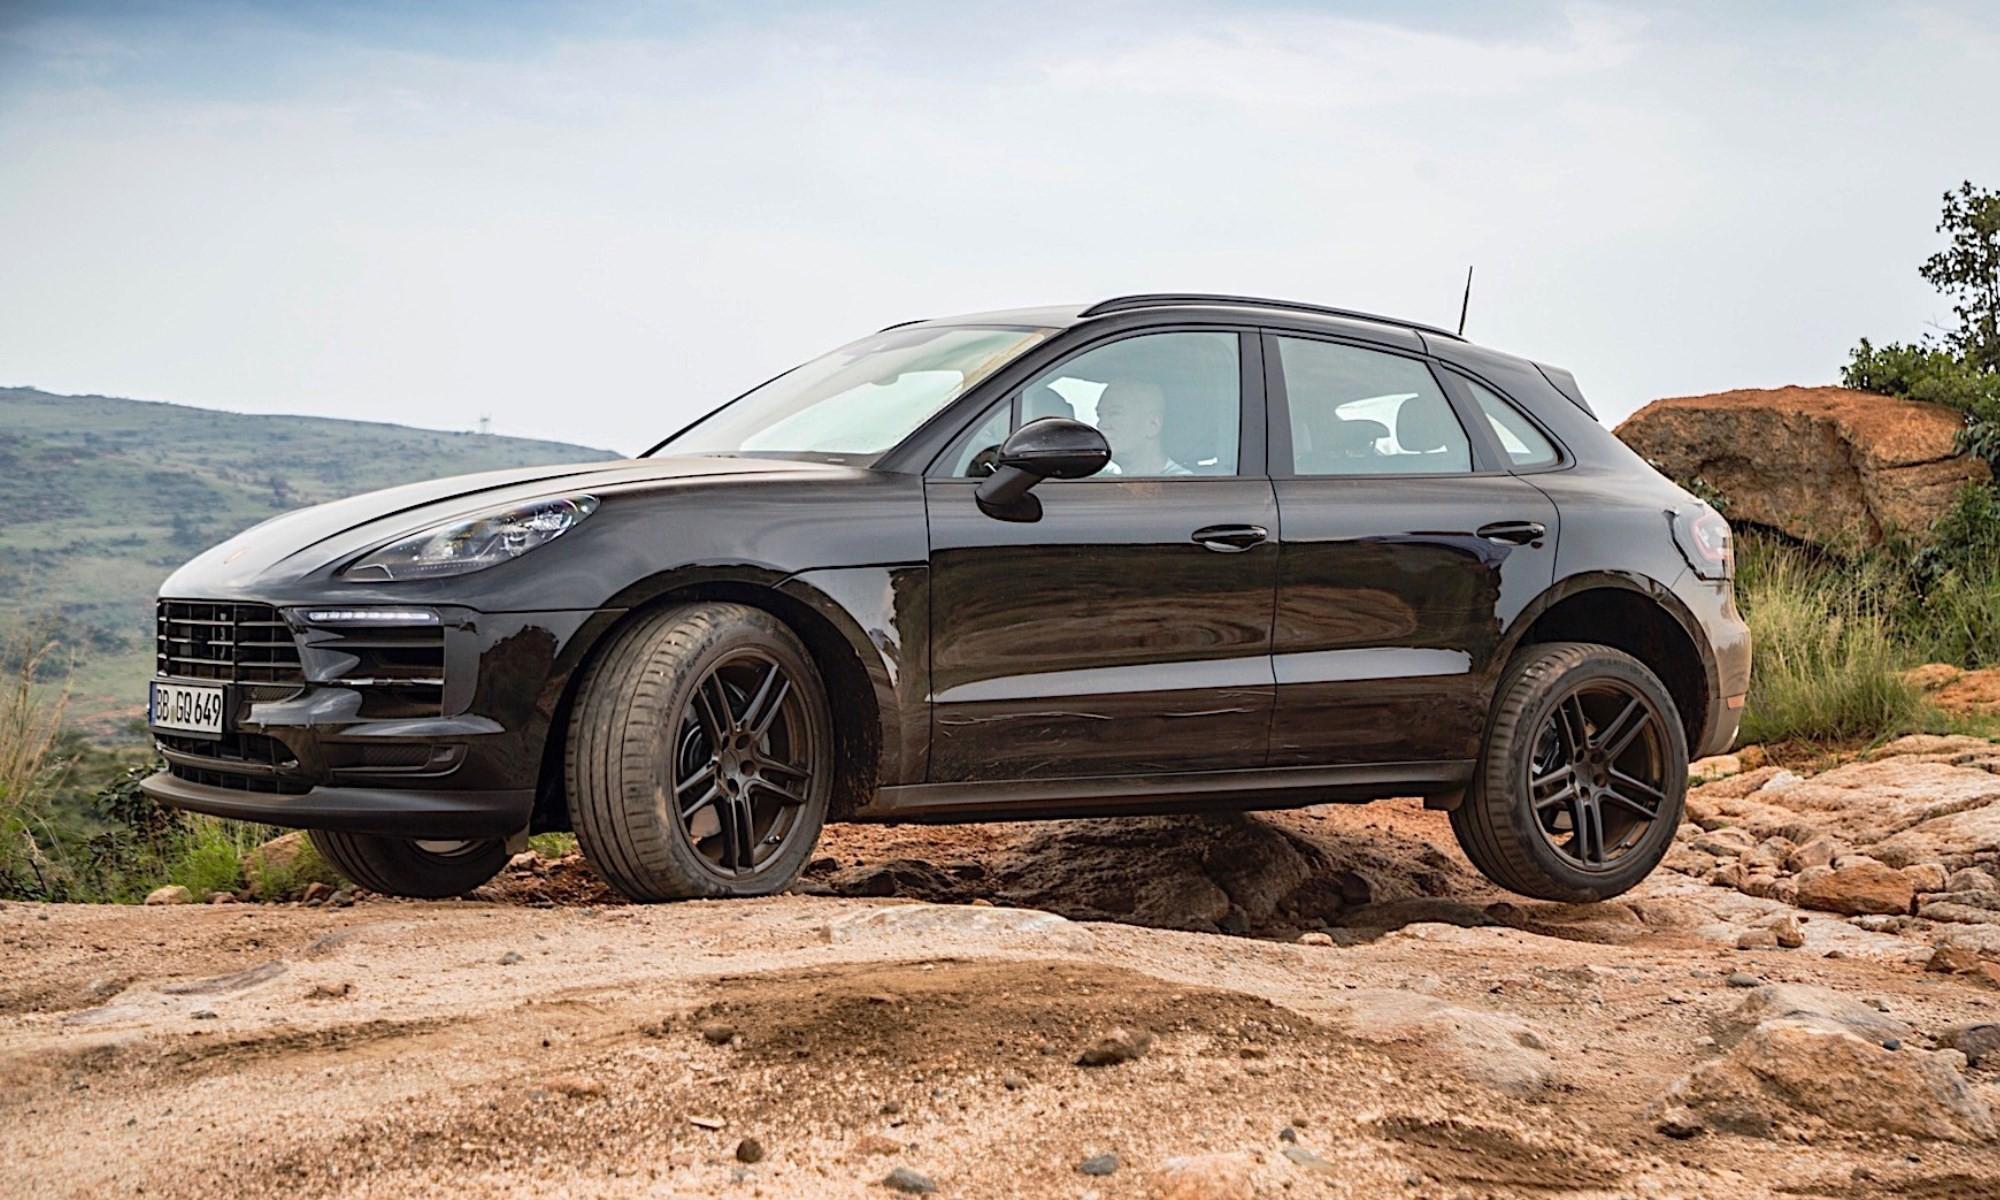 New Porsche Macan testing in Lesotho